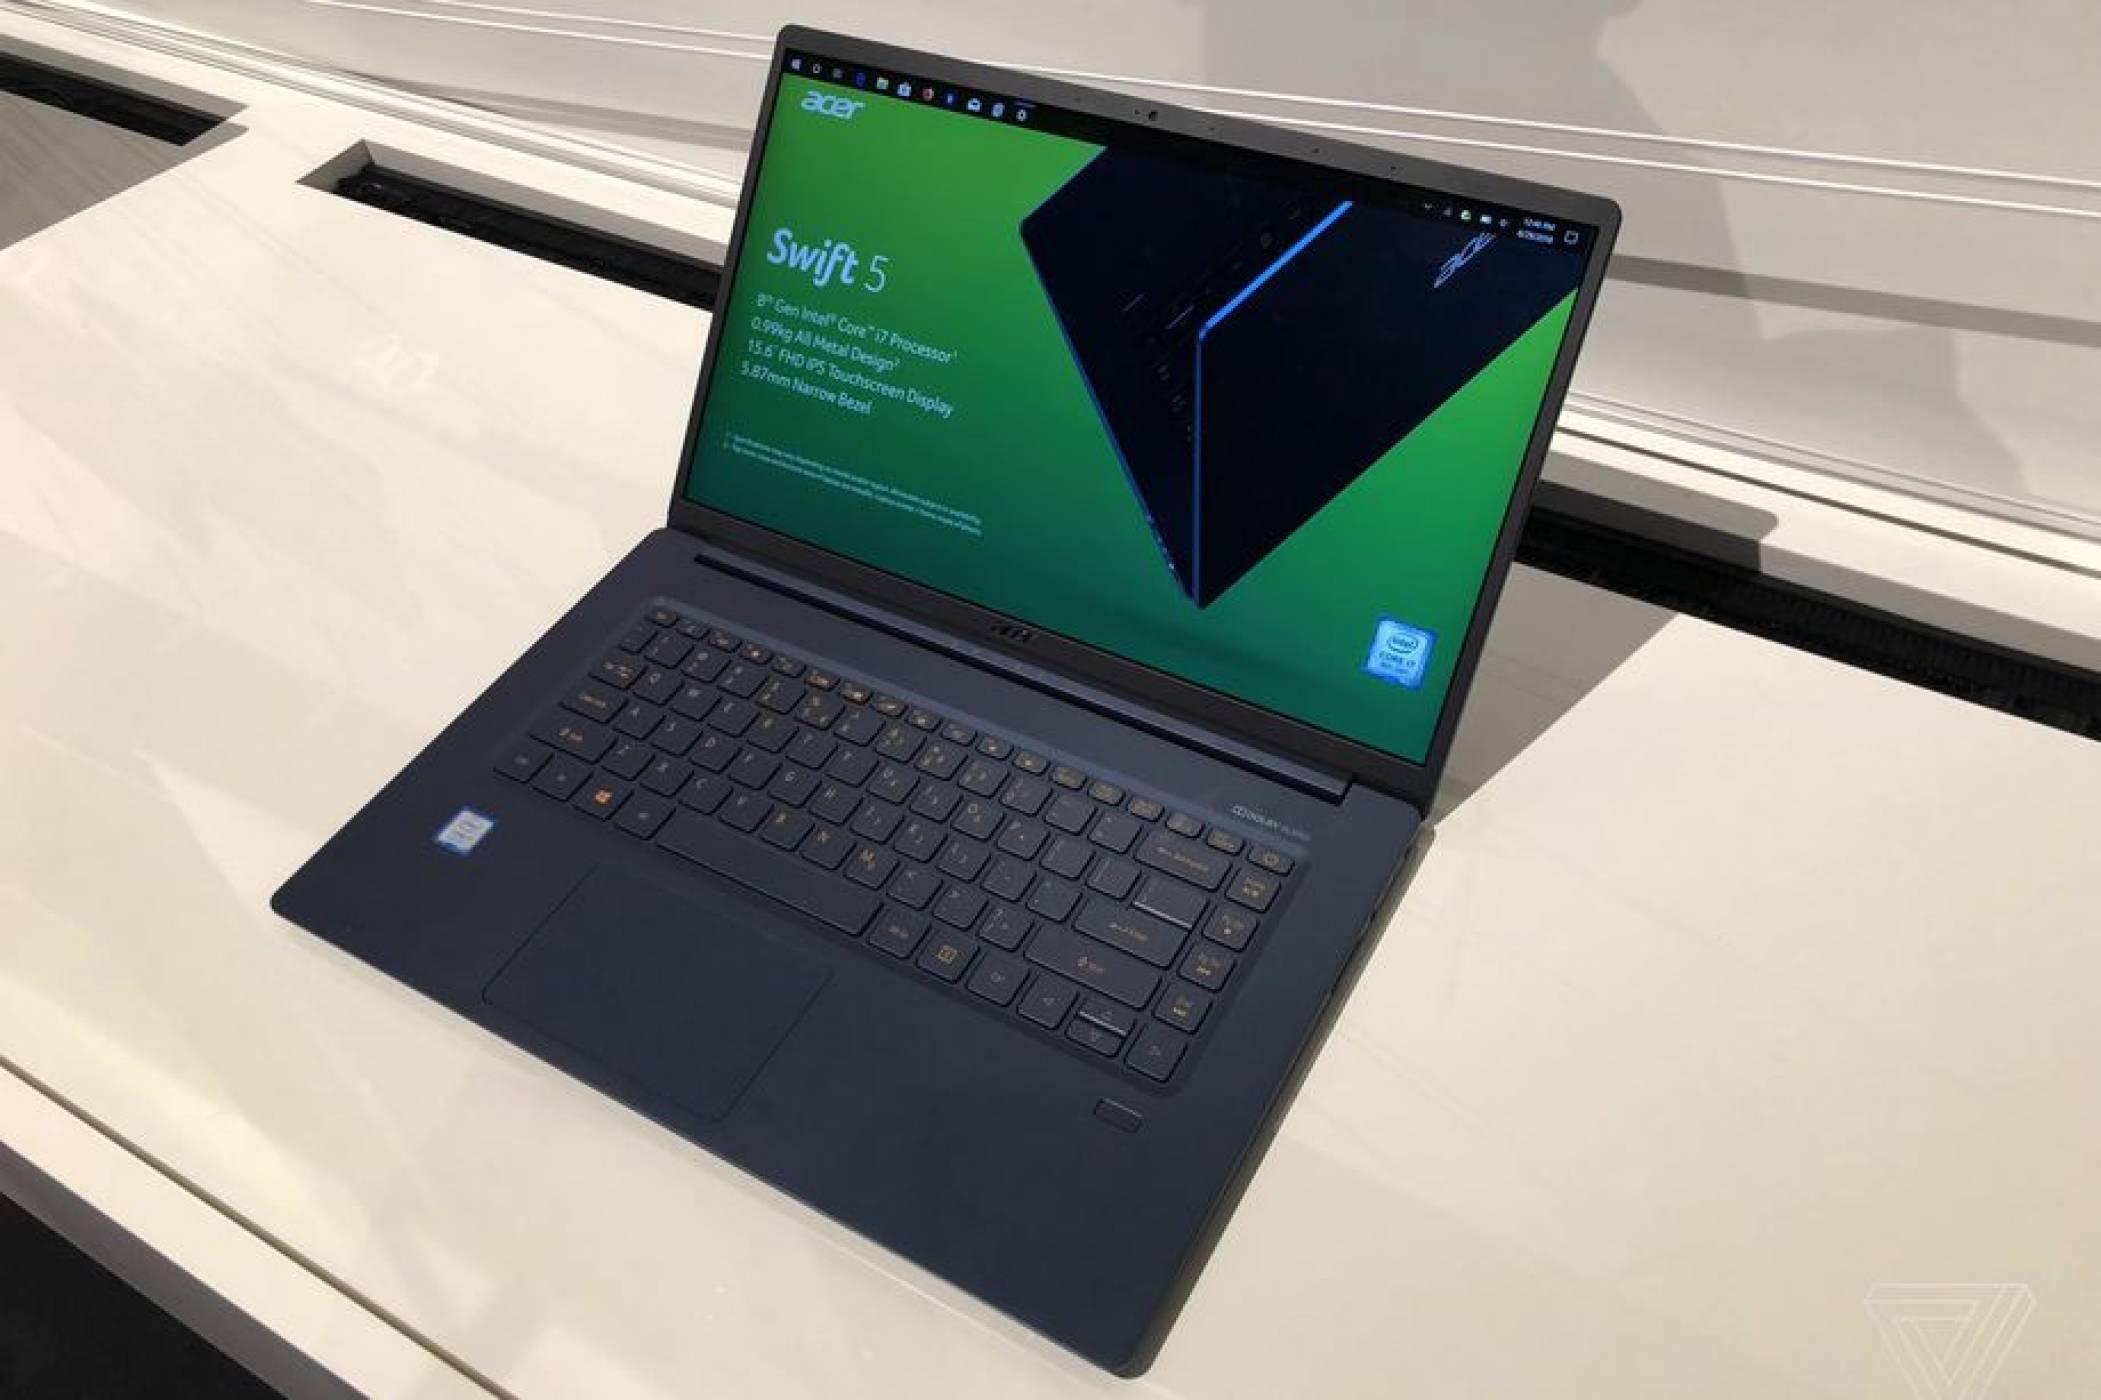 Acer Swift 5 е най-лекият 15-инчов лаптоп в света